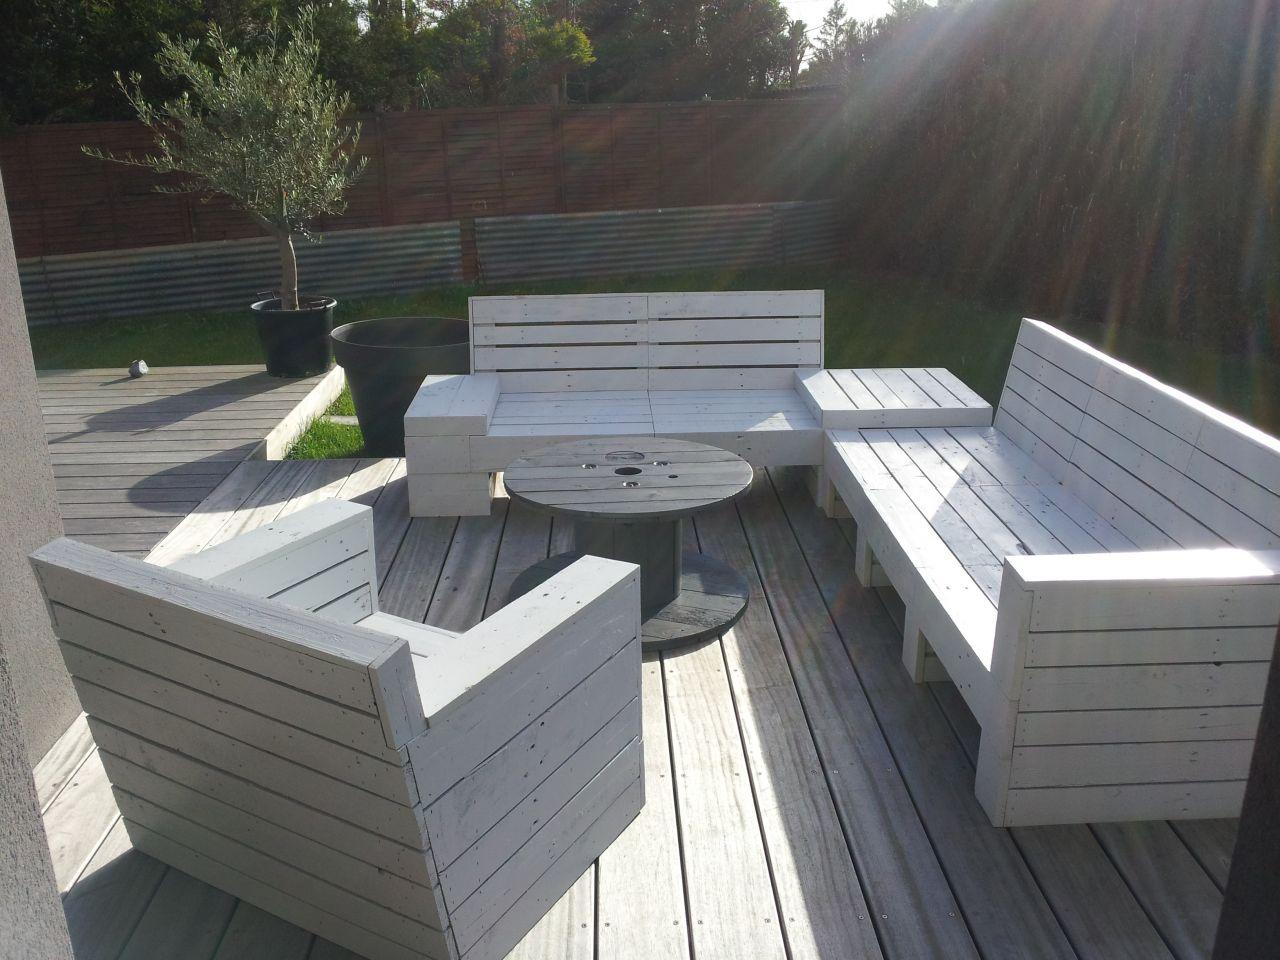 Salon de jardin en palette en bois comment faire ...